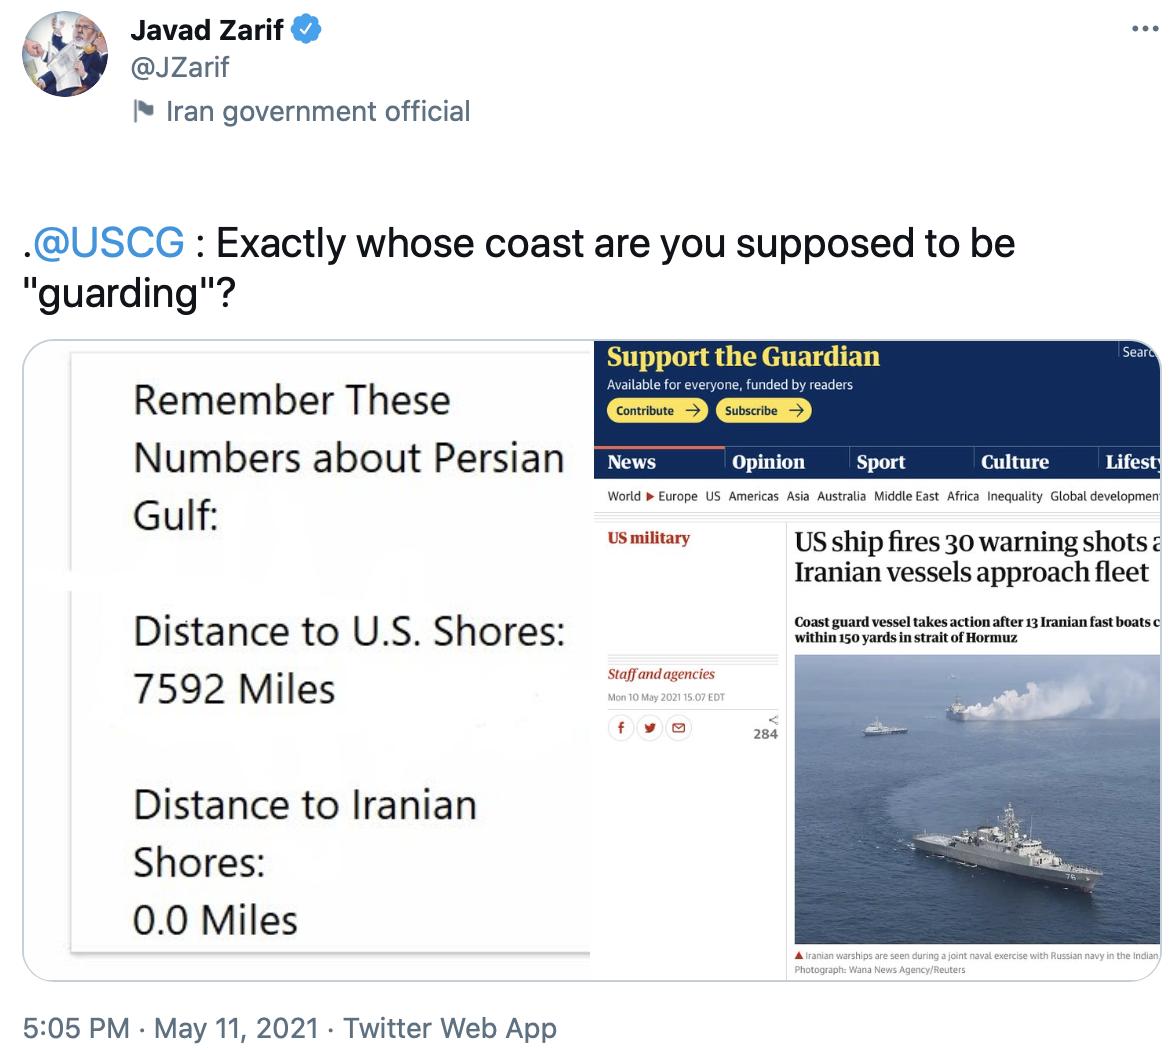 واکنش ظریف به شلیک هشدار آمریکاییها به سوی قایقهای ایرانی